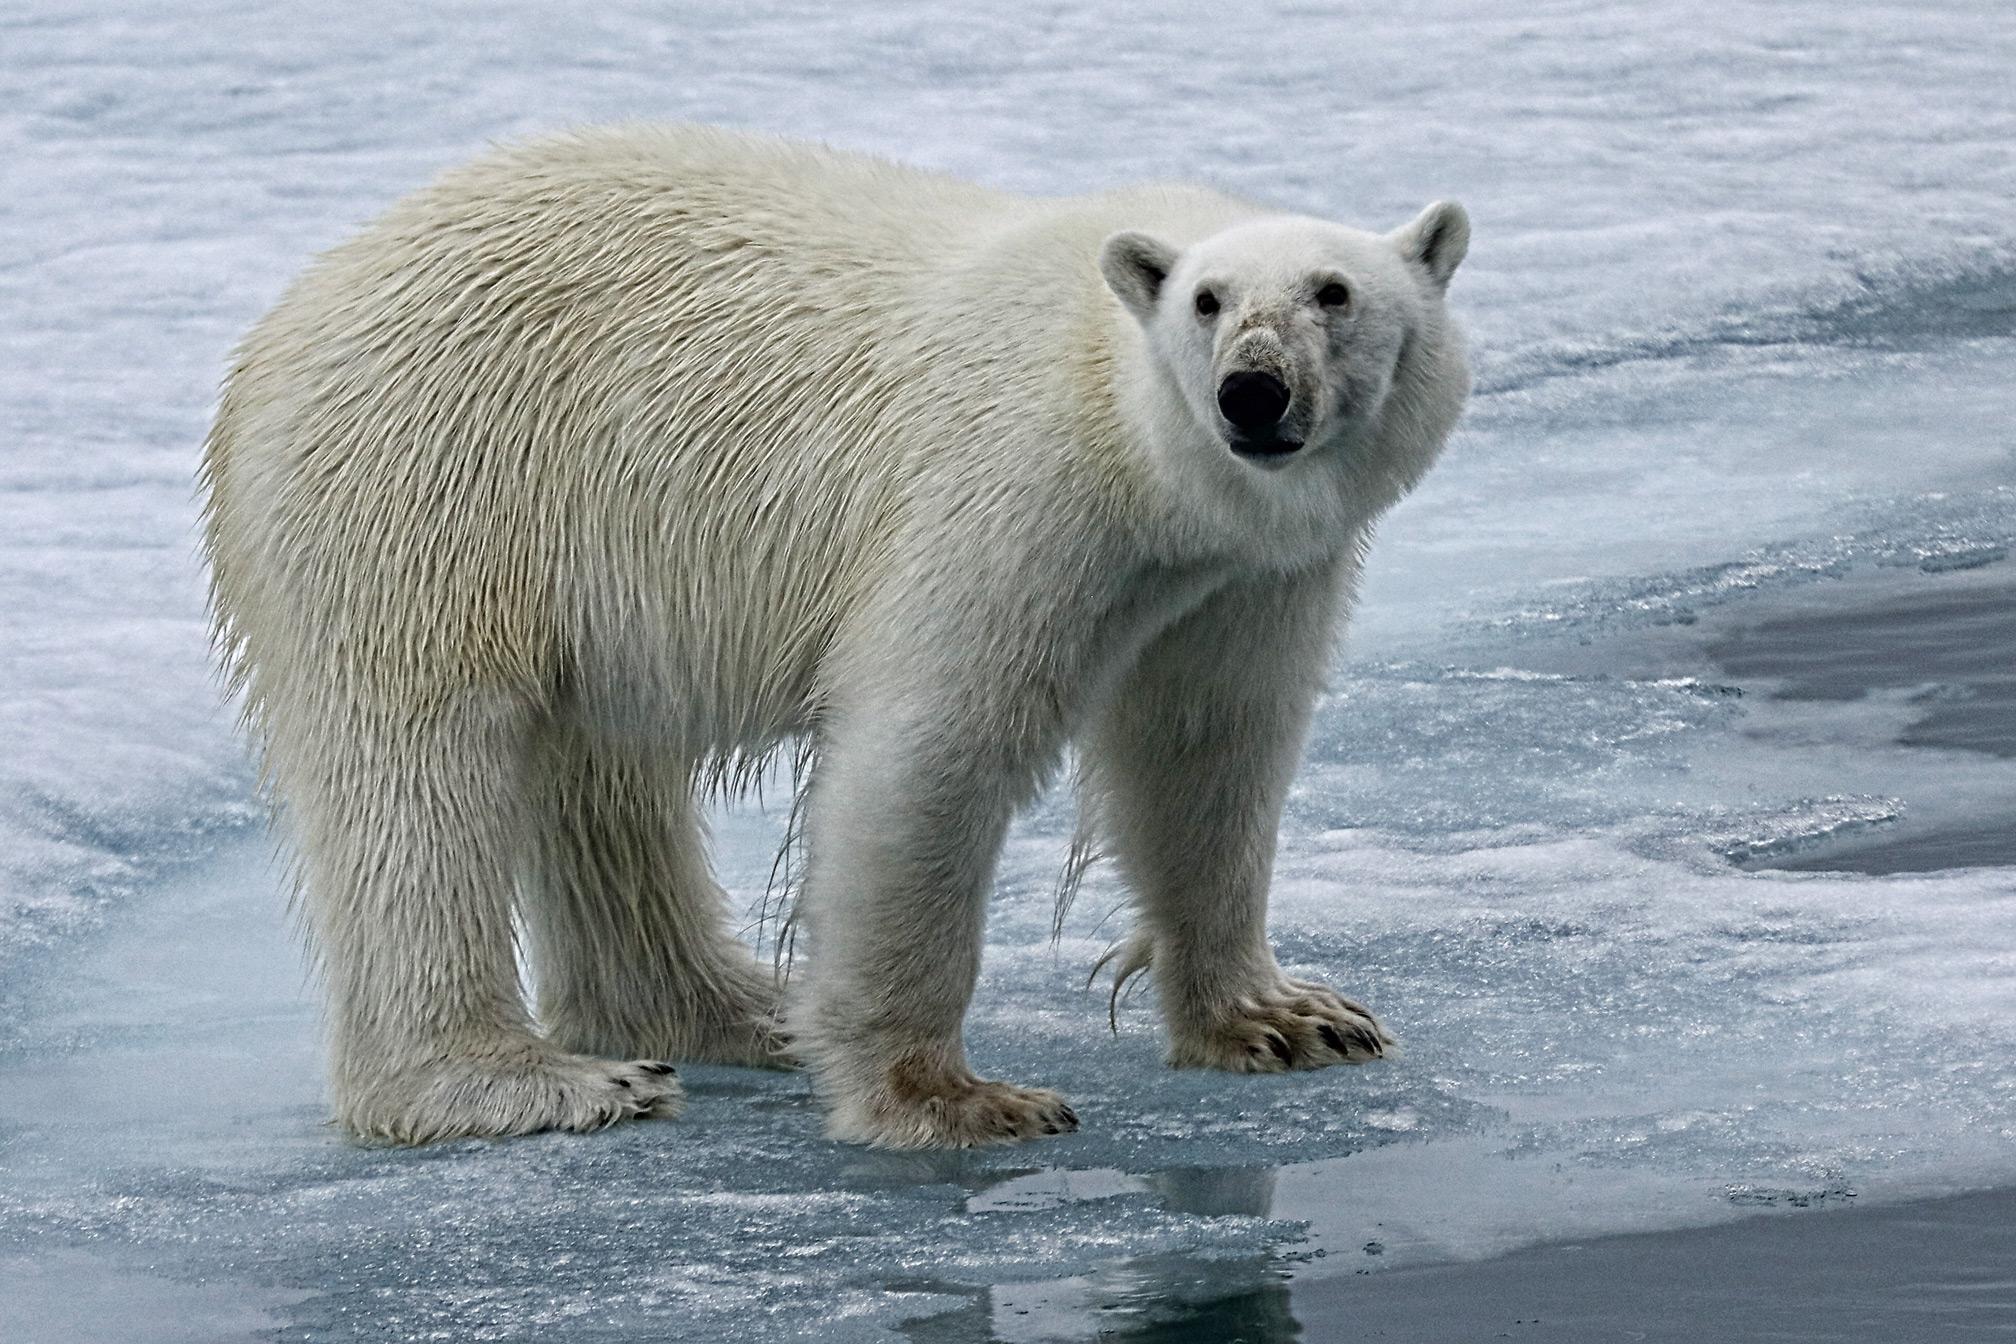 svalbard-polar-bear-close-detail-2.jpg